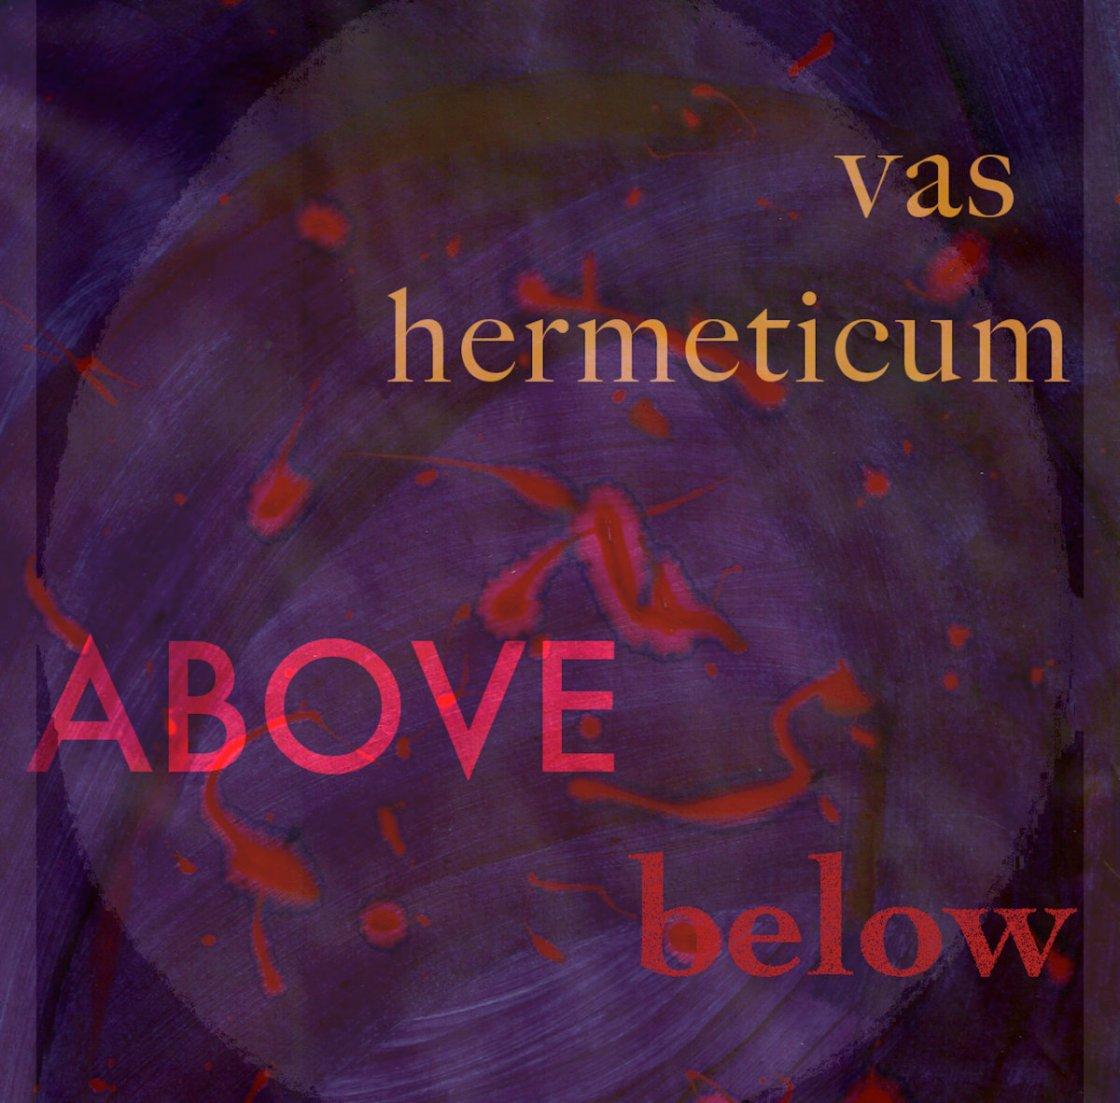 Vas Hermeticum